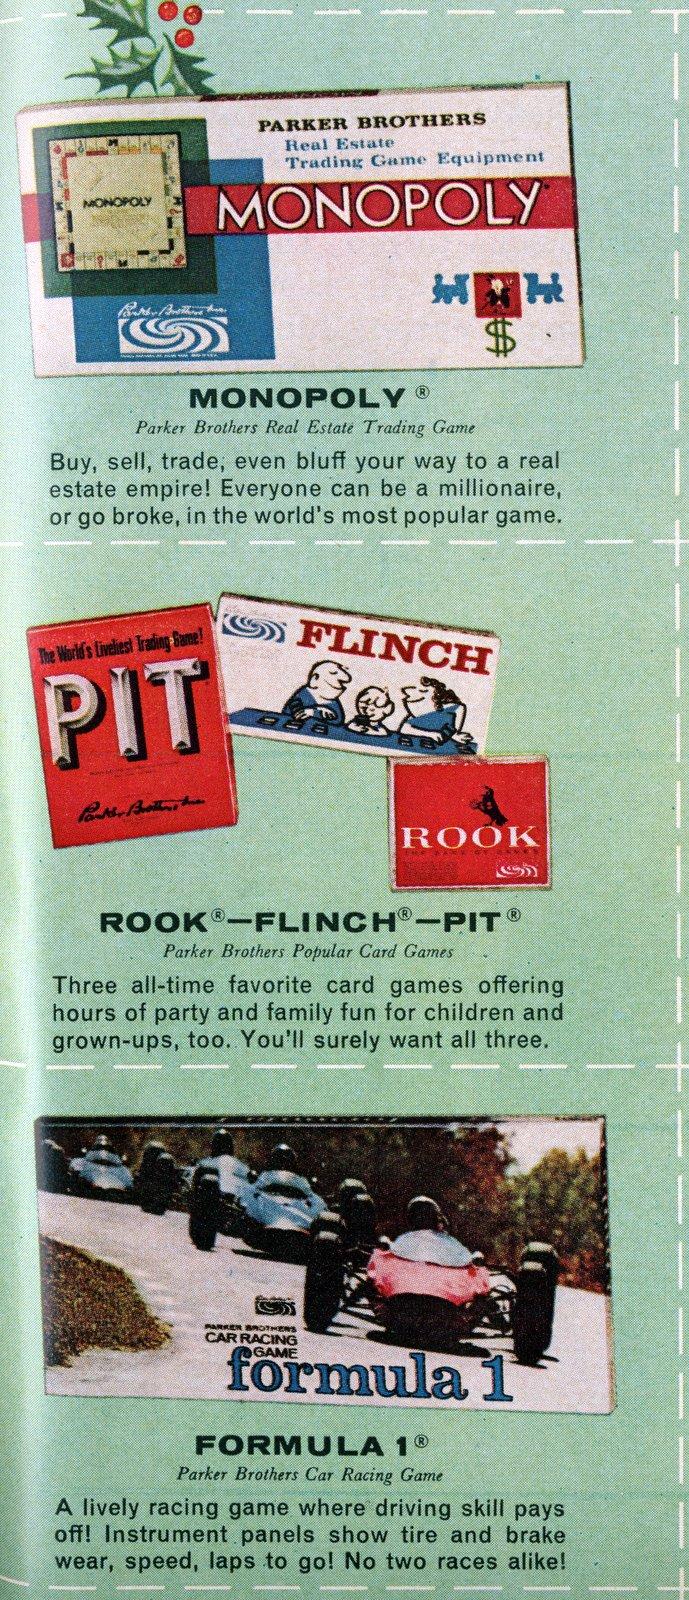 1964 vintage board games - Monopoly - Pit - Flinch - Rook - Formula 1